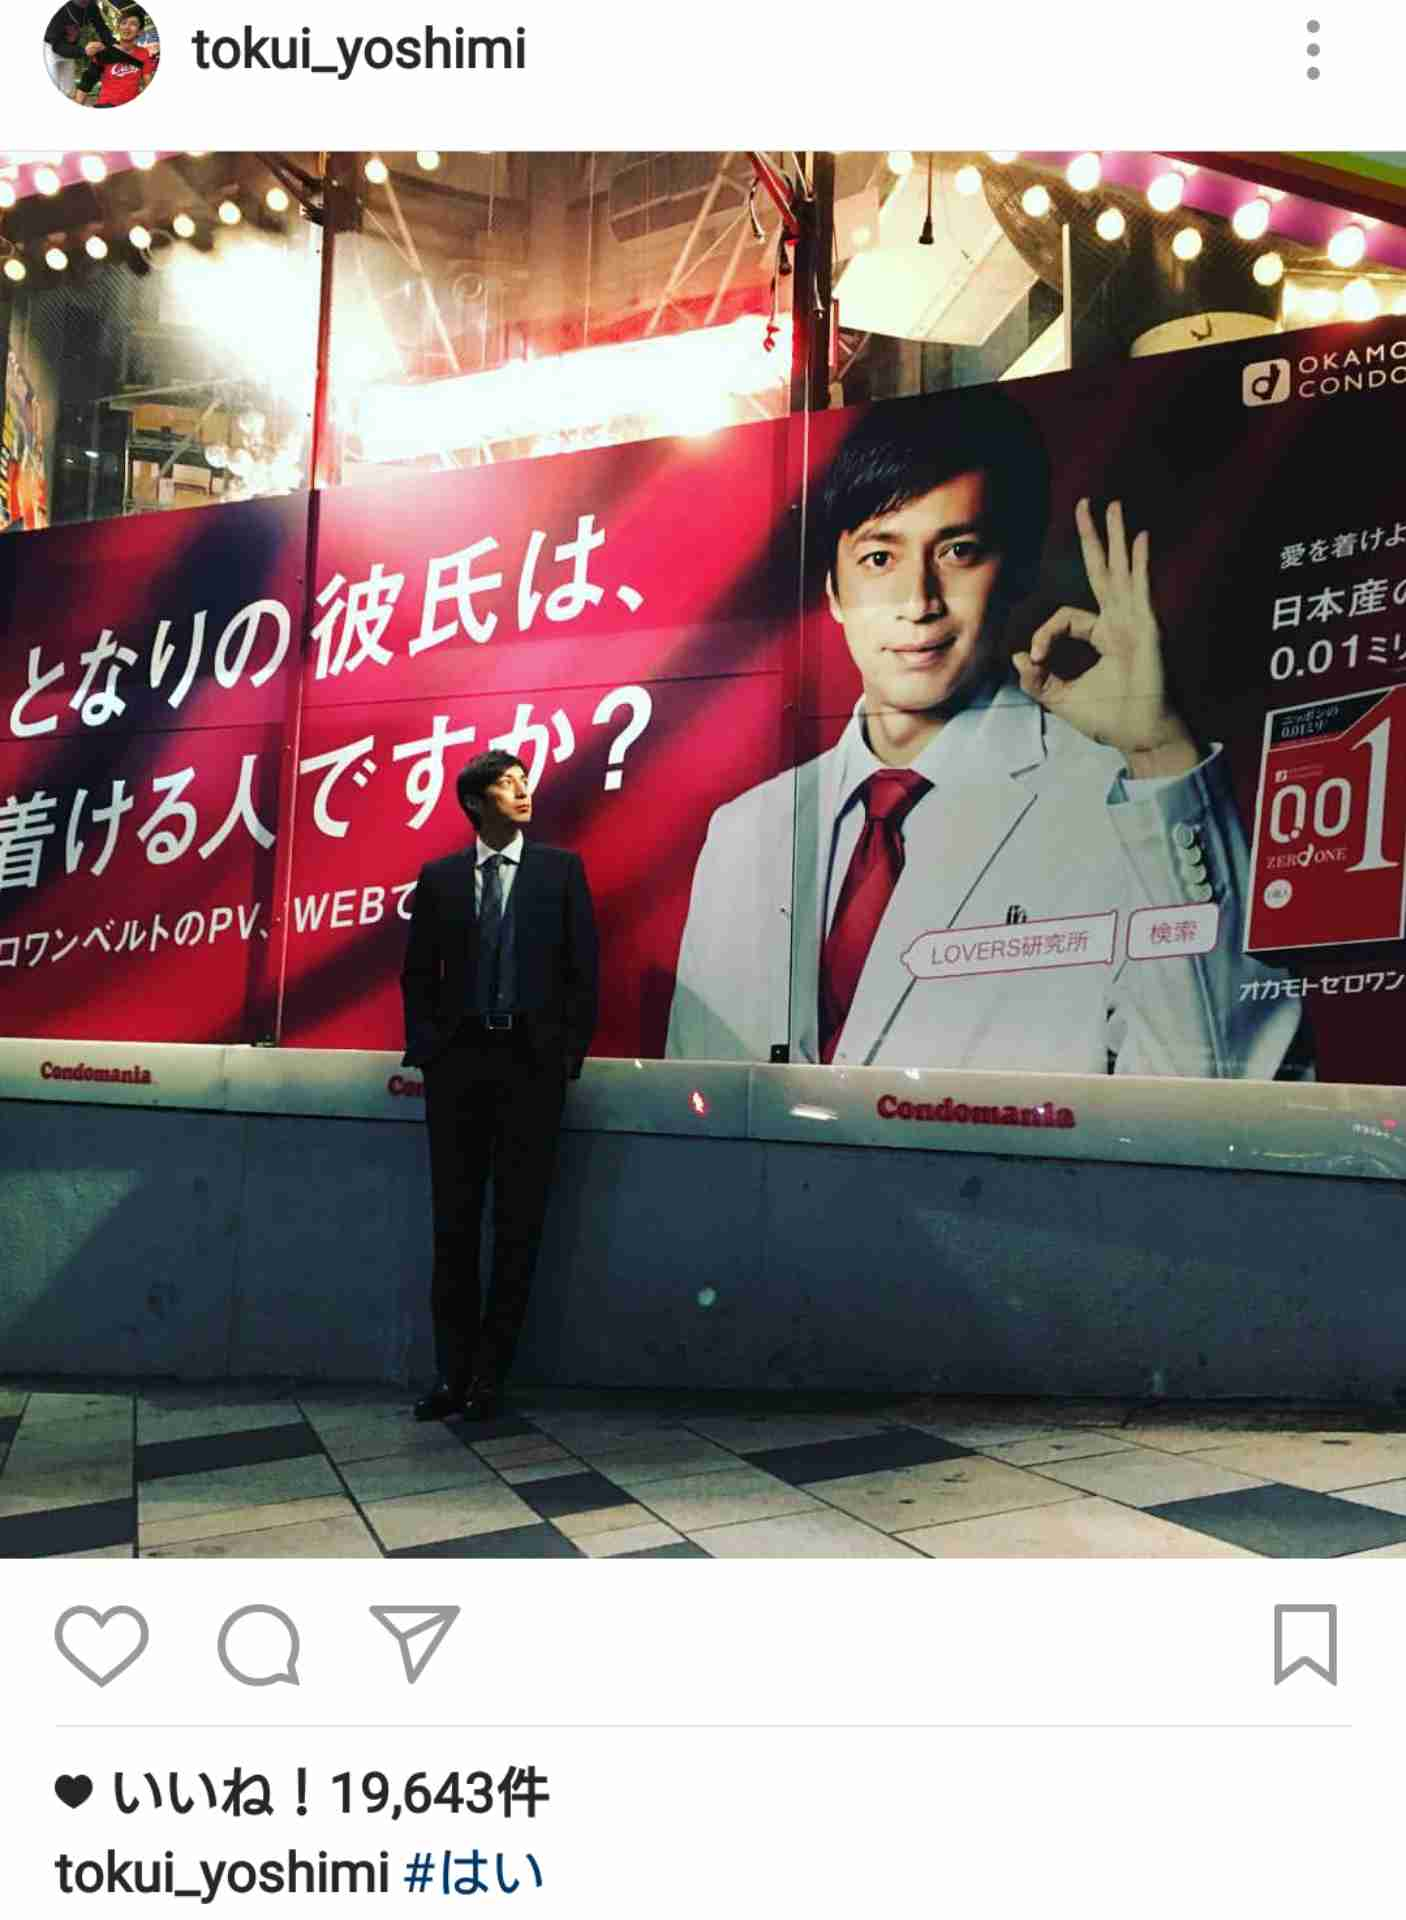 しみけんらトップAV男優6人 「エロ要素一切なし」のヒーロードラマに出演